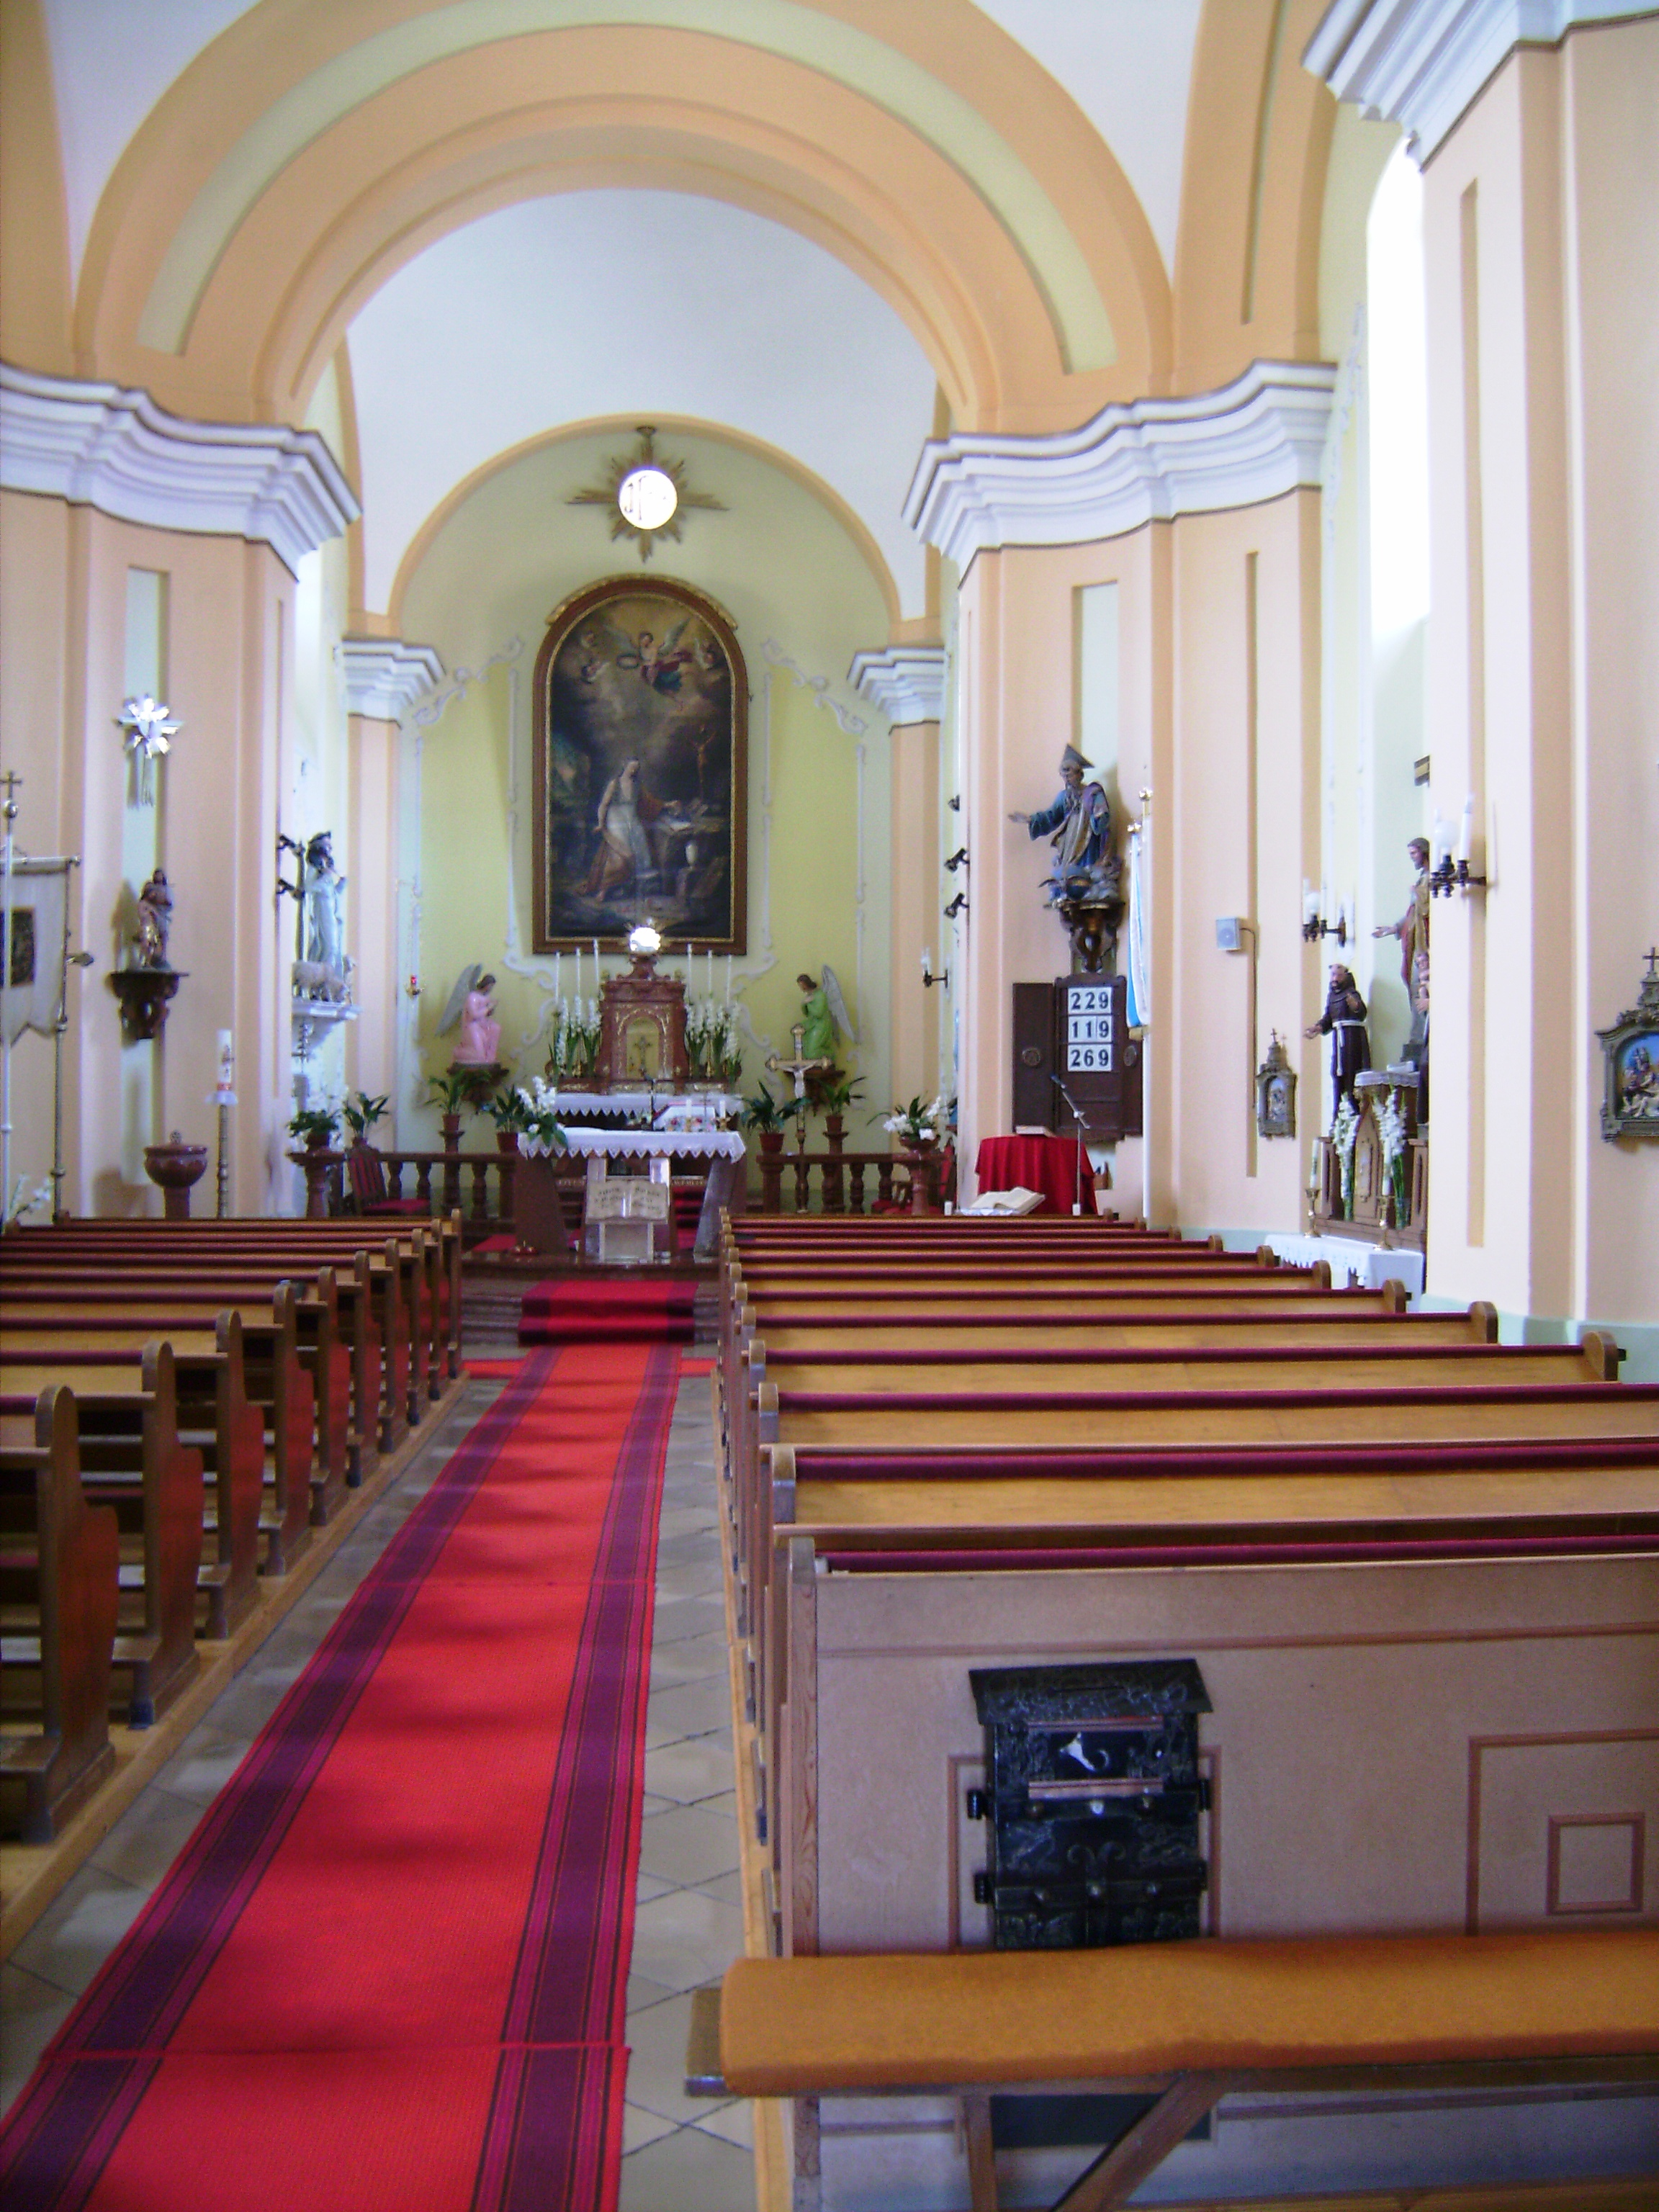 Anyagi fedezetet a bel- és külföldi adományok biztosítottak. 1972-ben a 200 éves plébánia helyett egy újat kellett építeni. Hívek hozzájárulásával elkezdődött a templombelső műszaki és díszítő felújítása, valamint a plébánia bővítése és belső átépítése.